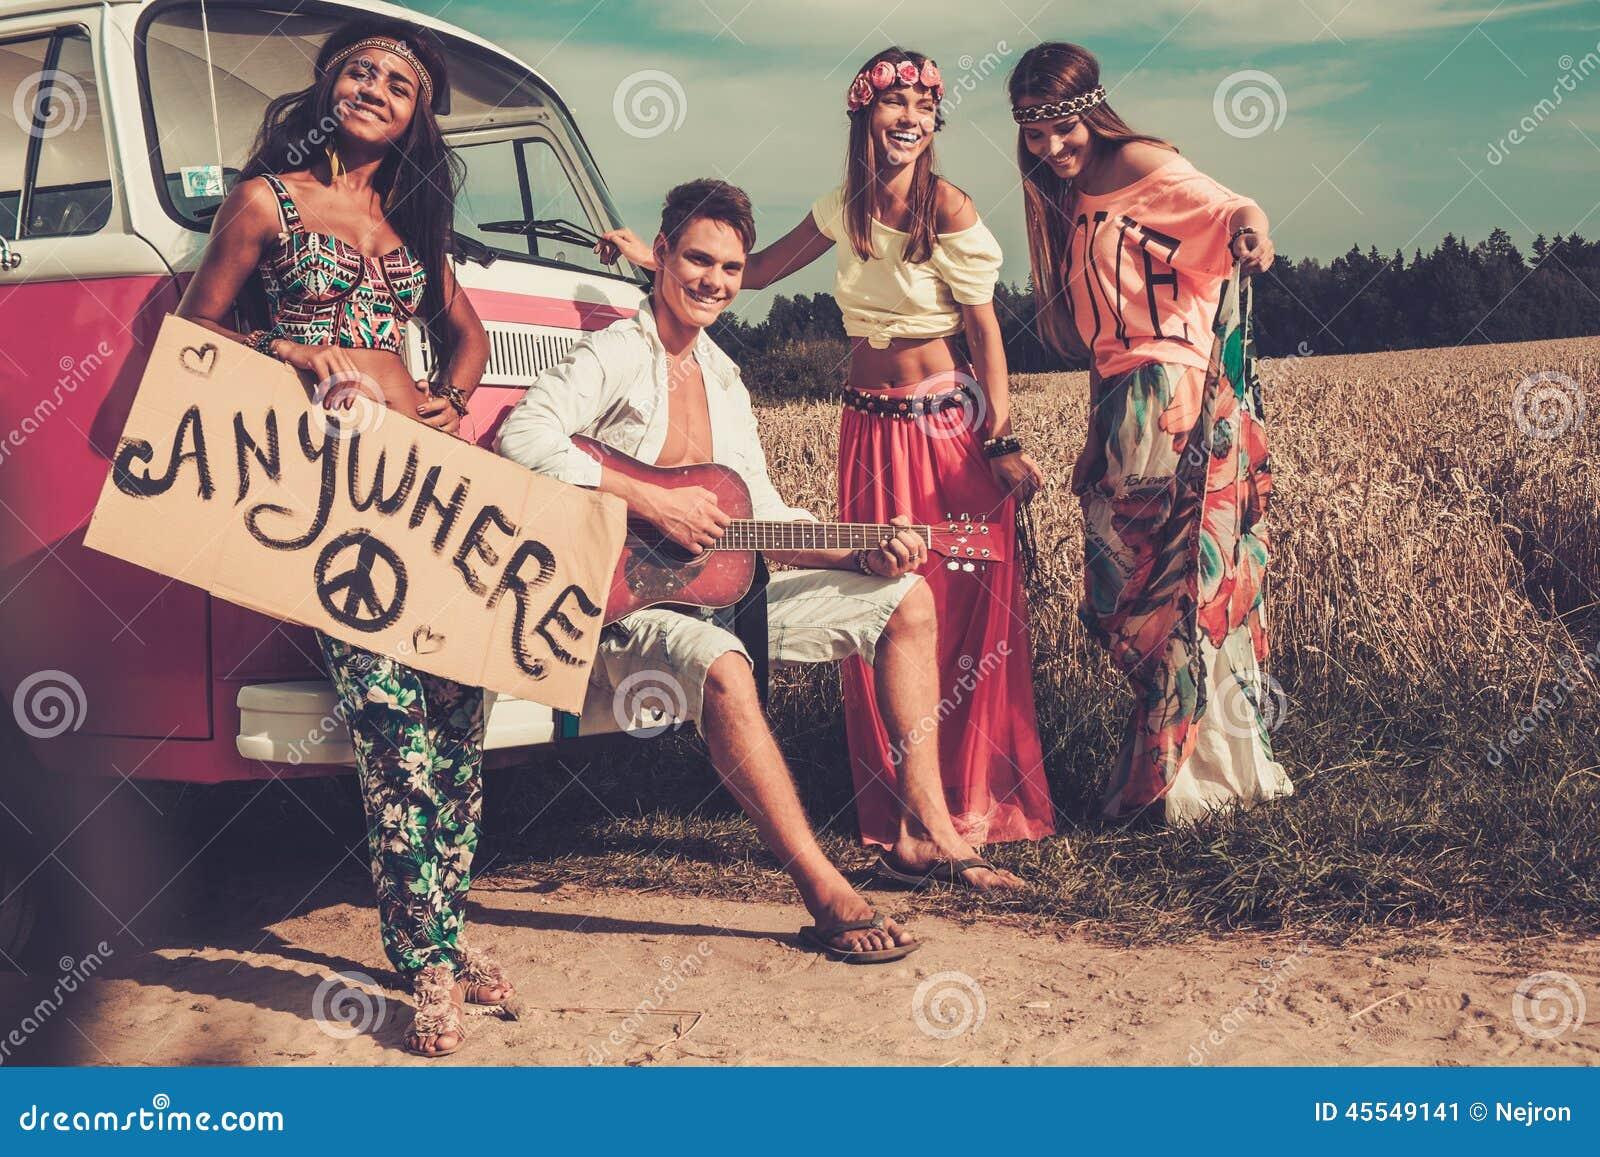 Rencontre homme hippie, hommes célibataires